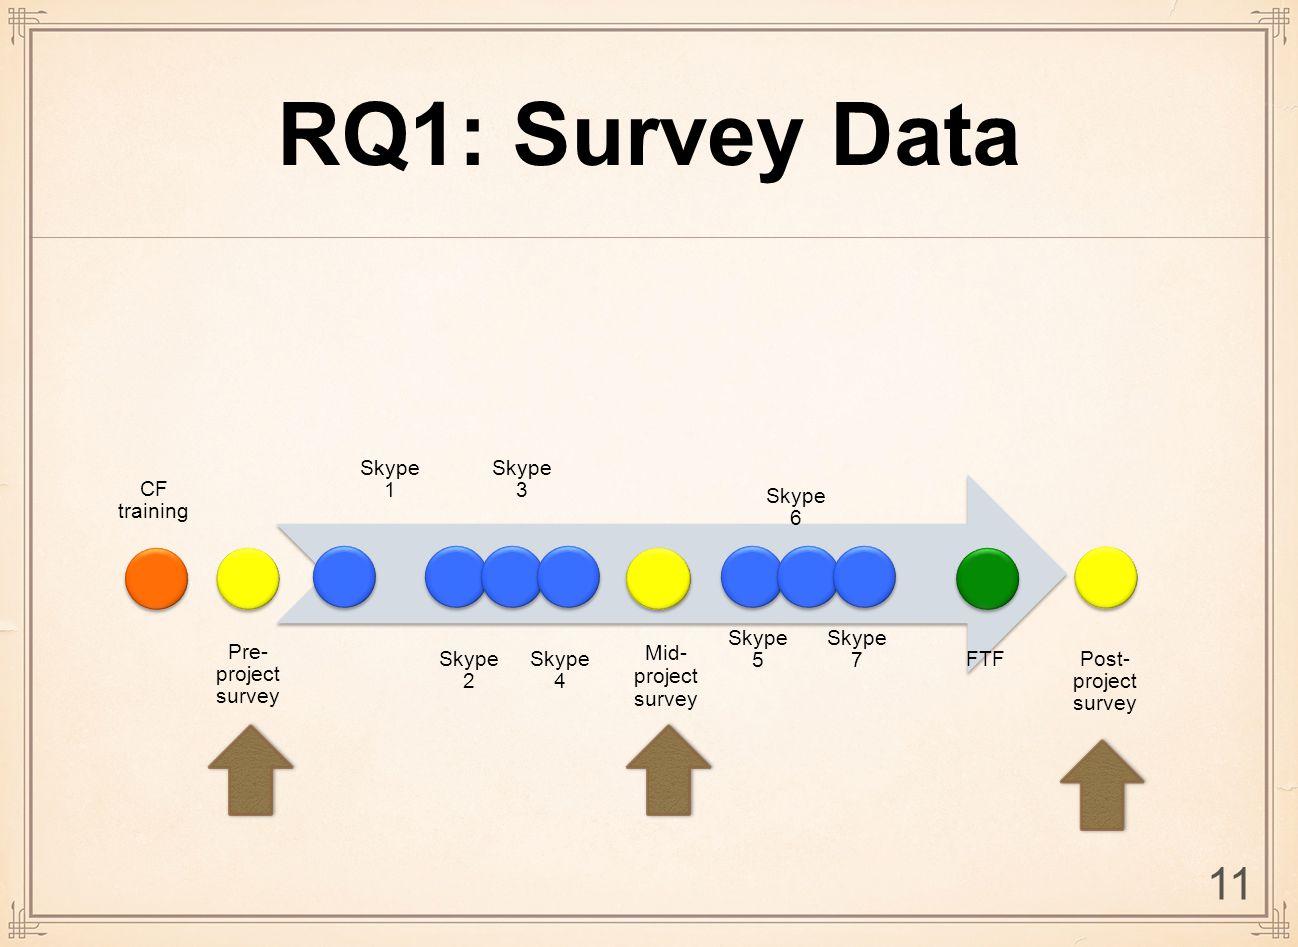 RQ1: Survey Data CF training Pre- project survey Skype 1 Skype 2 Skype 3 Skype 4 Skype 5 Skype 6 Skype 7 FTF Post- project survey Mid- project survey